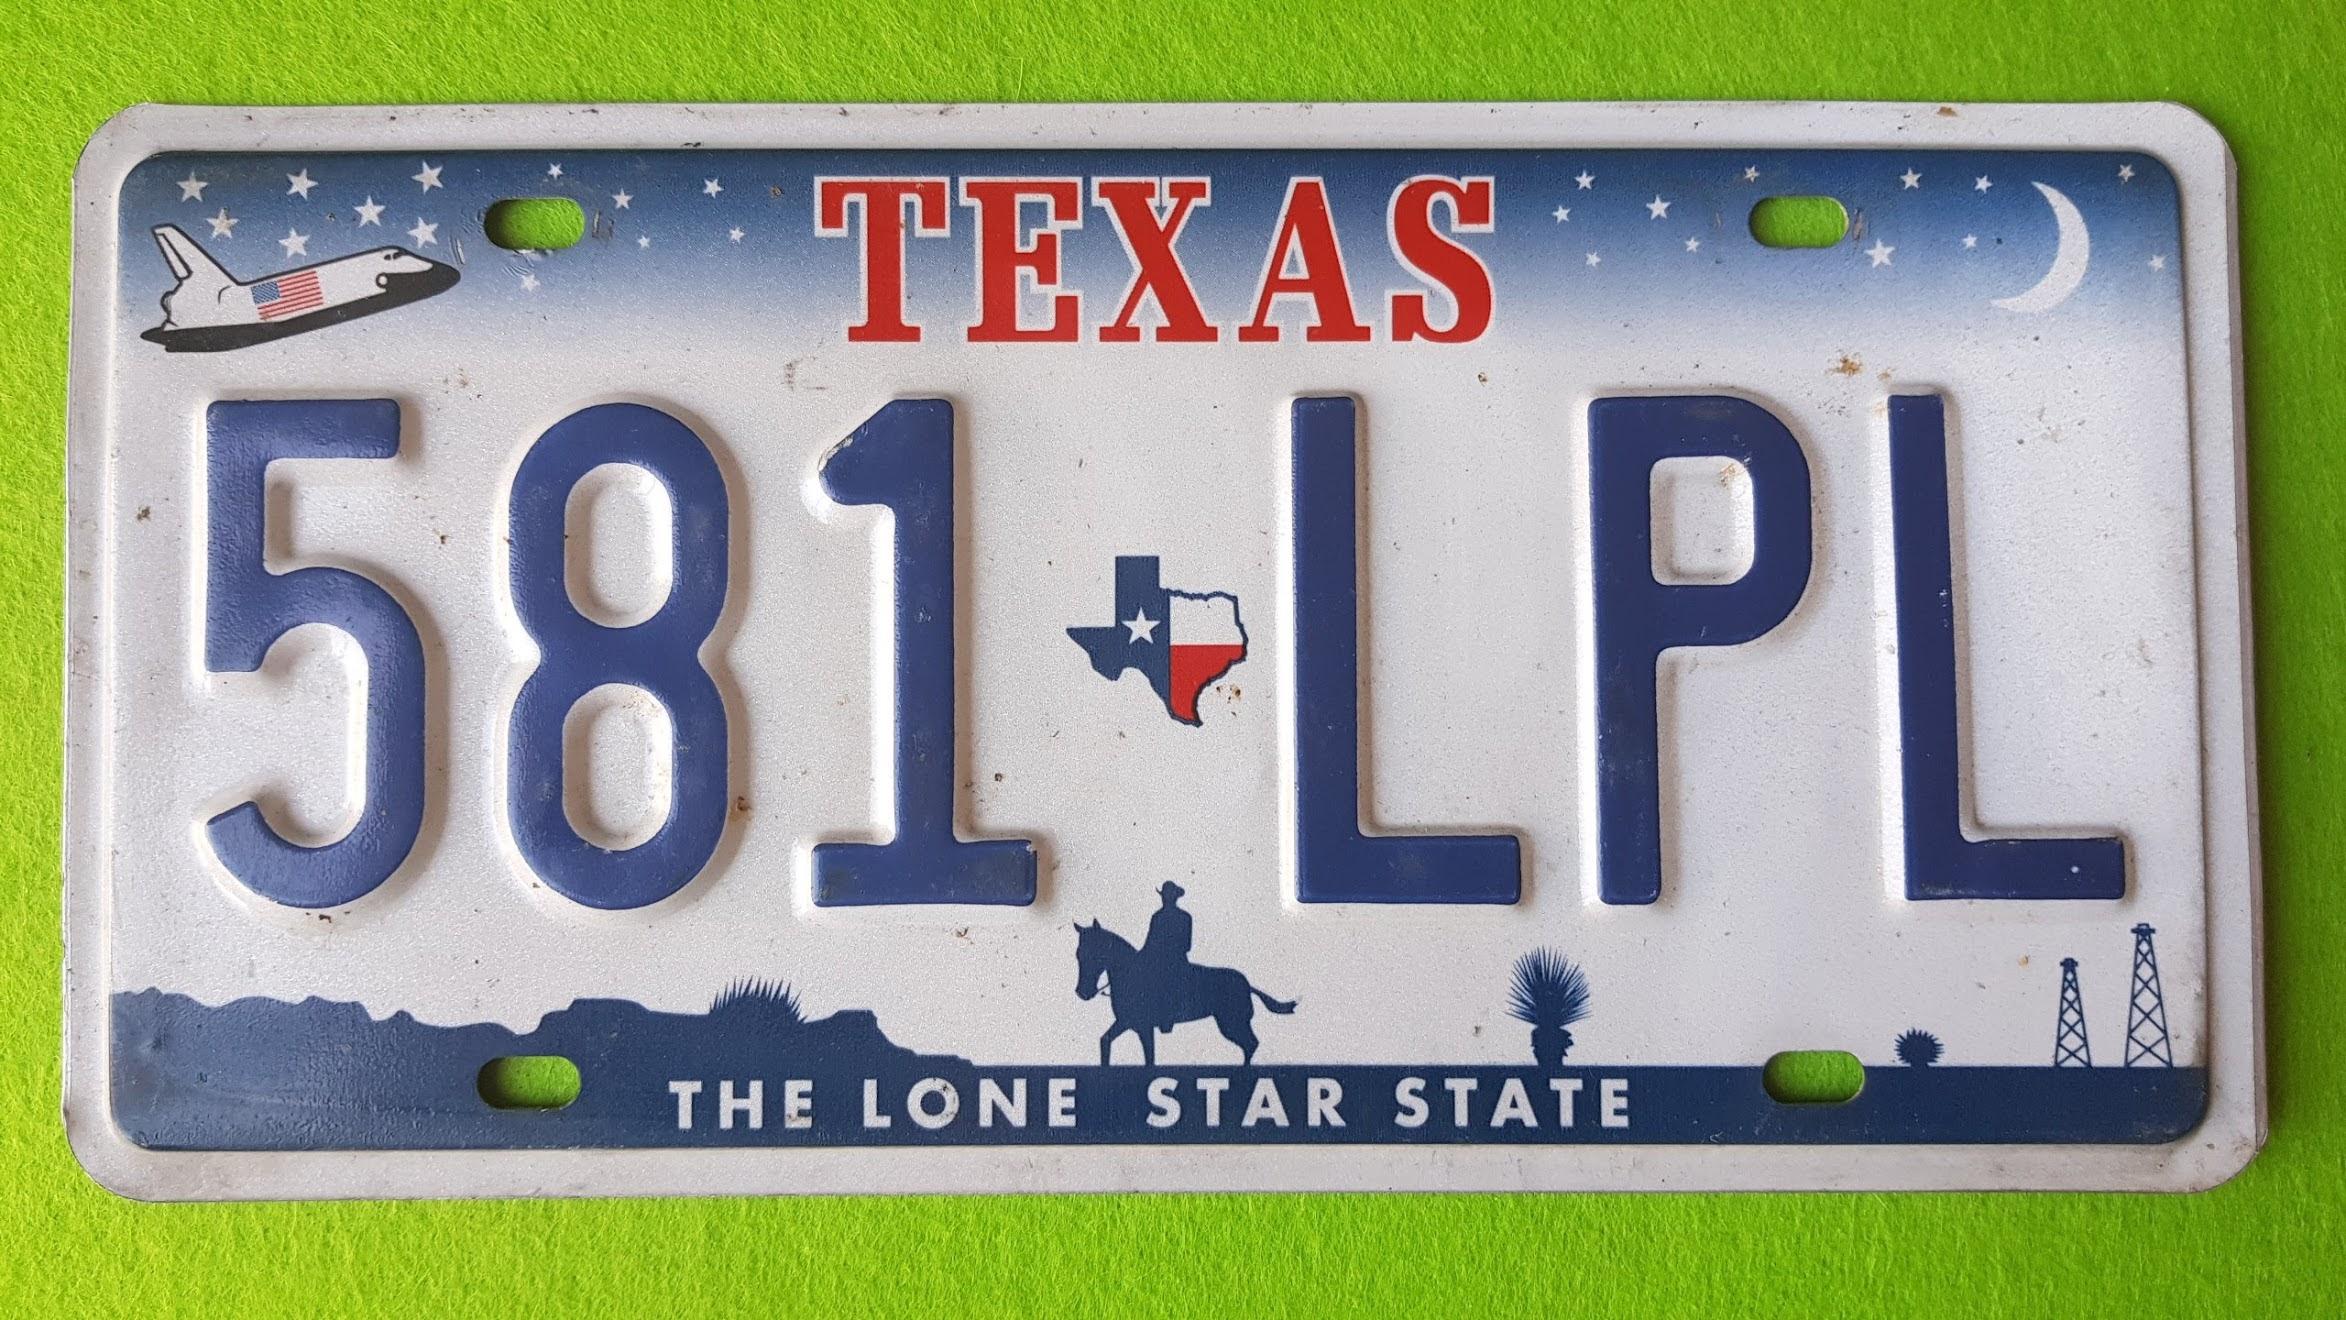 Texas - der Lone Star State - zu welchem Preis?